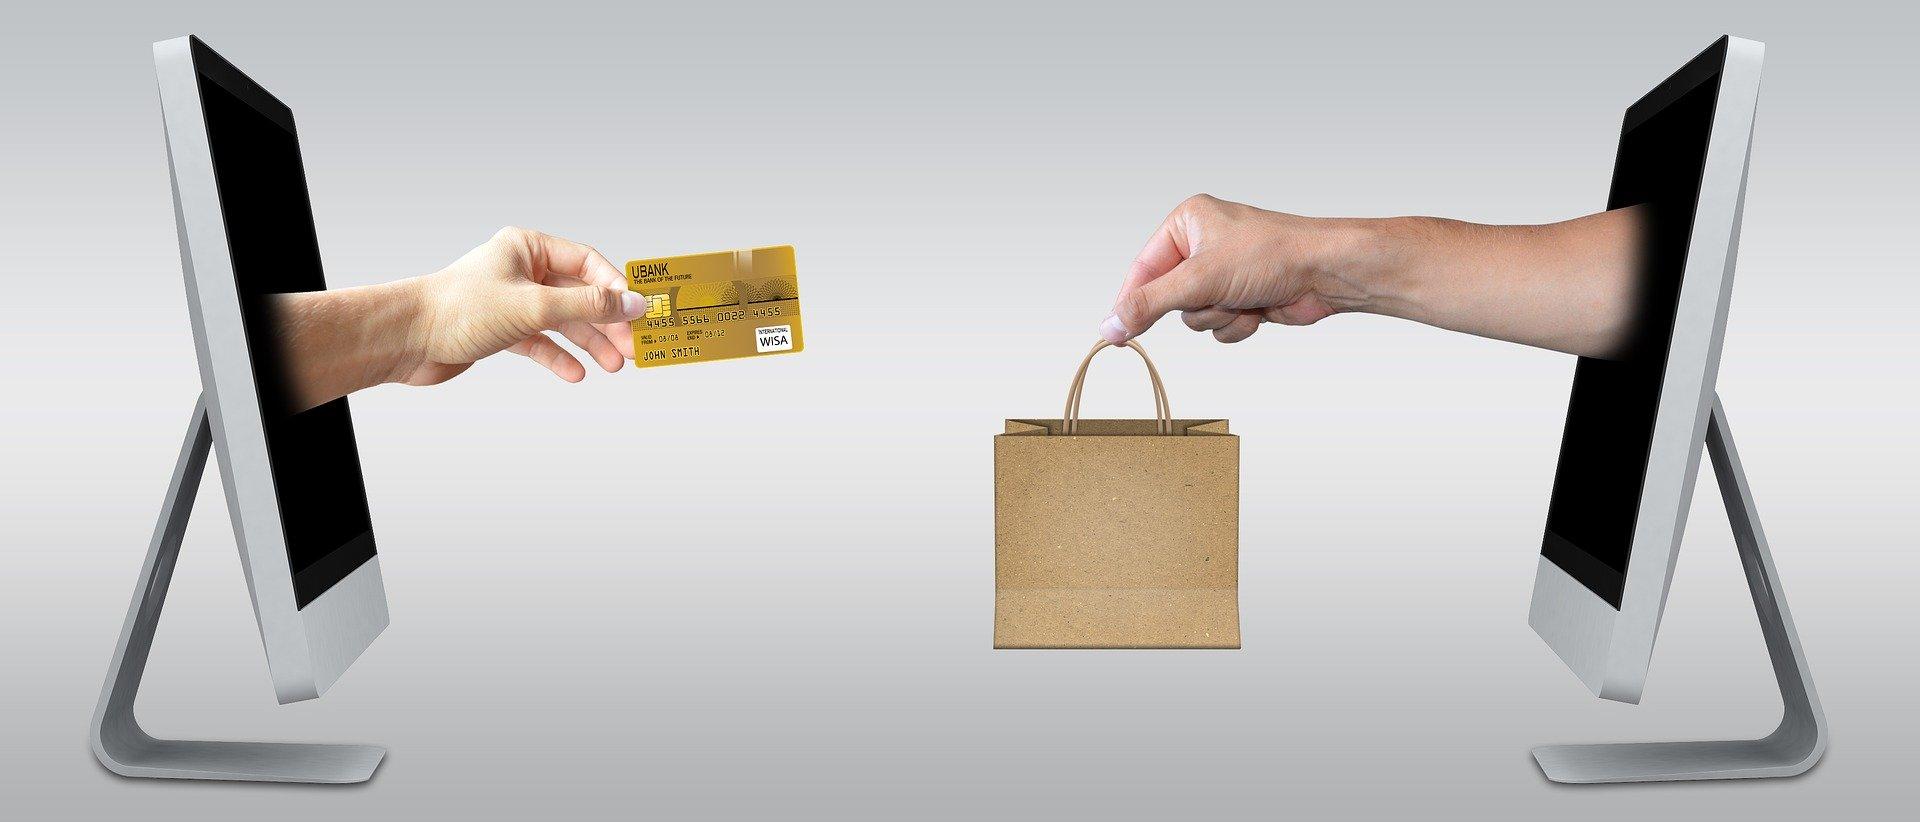 Mantenimiento de una tienda online